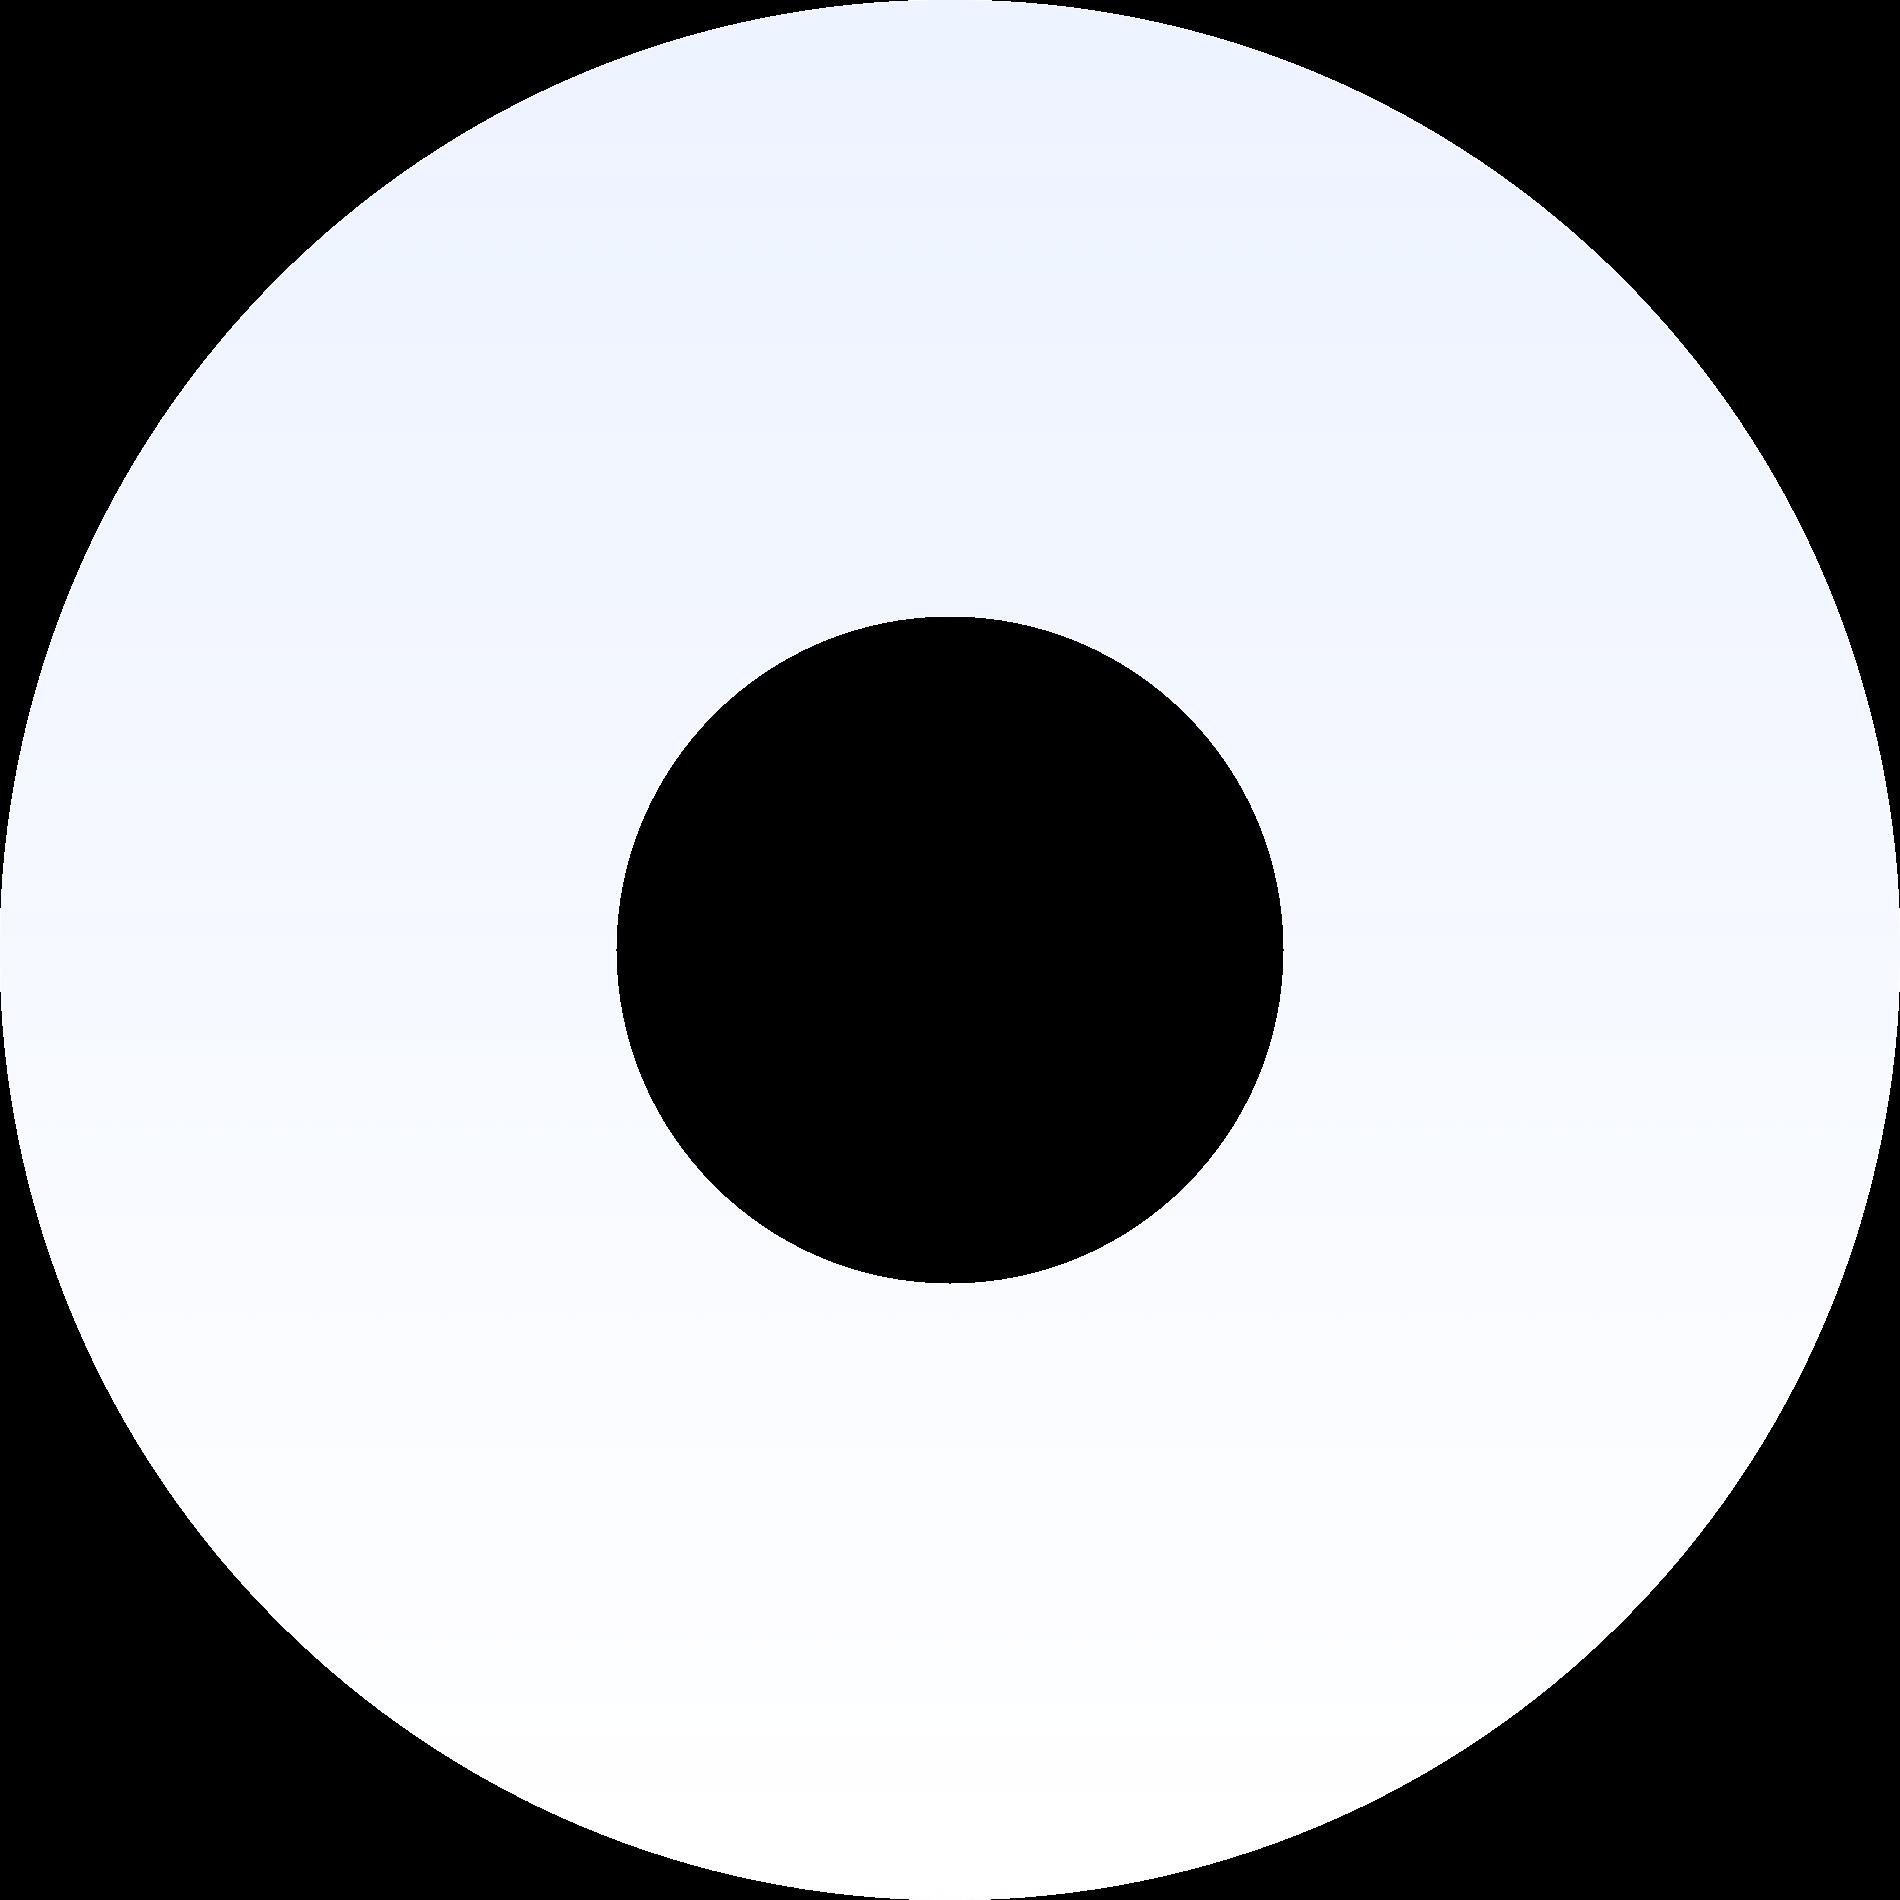 palat-circle